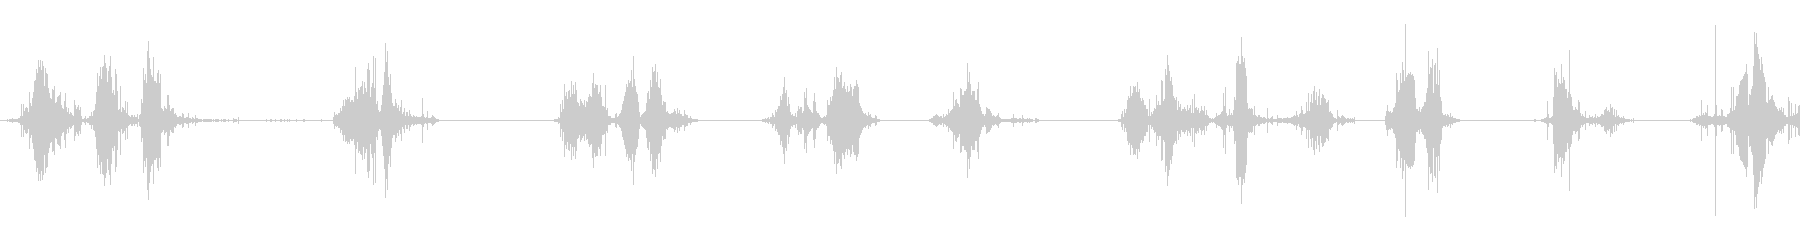 ダートブーツ:さまざまなシャッフル...の未再生の波形